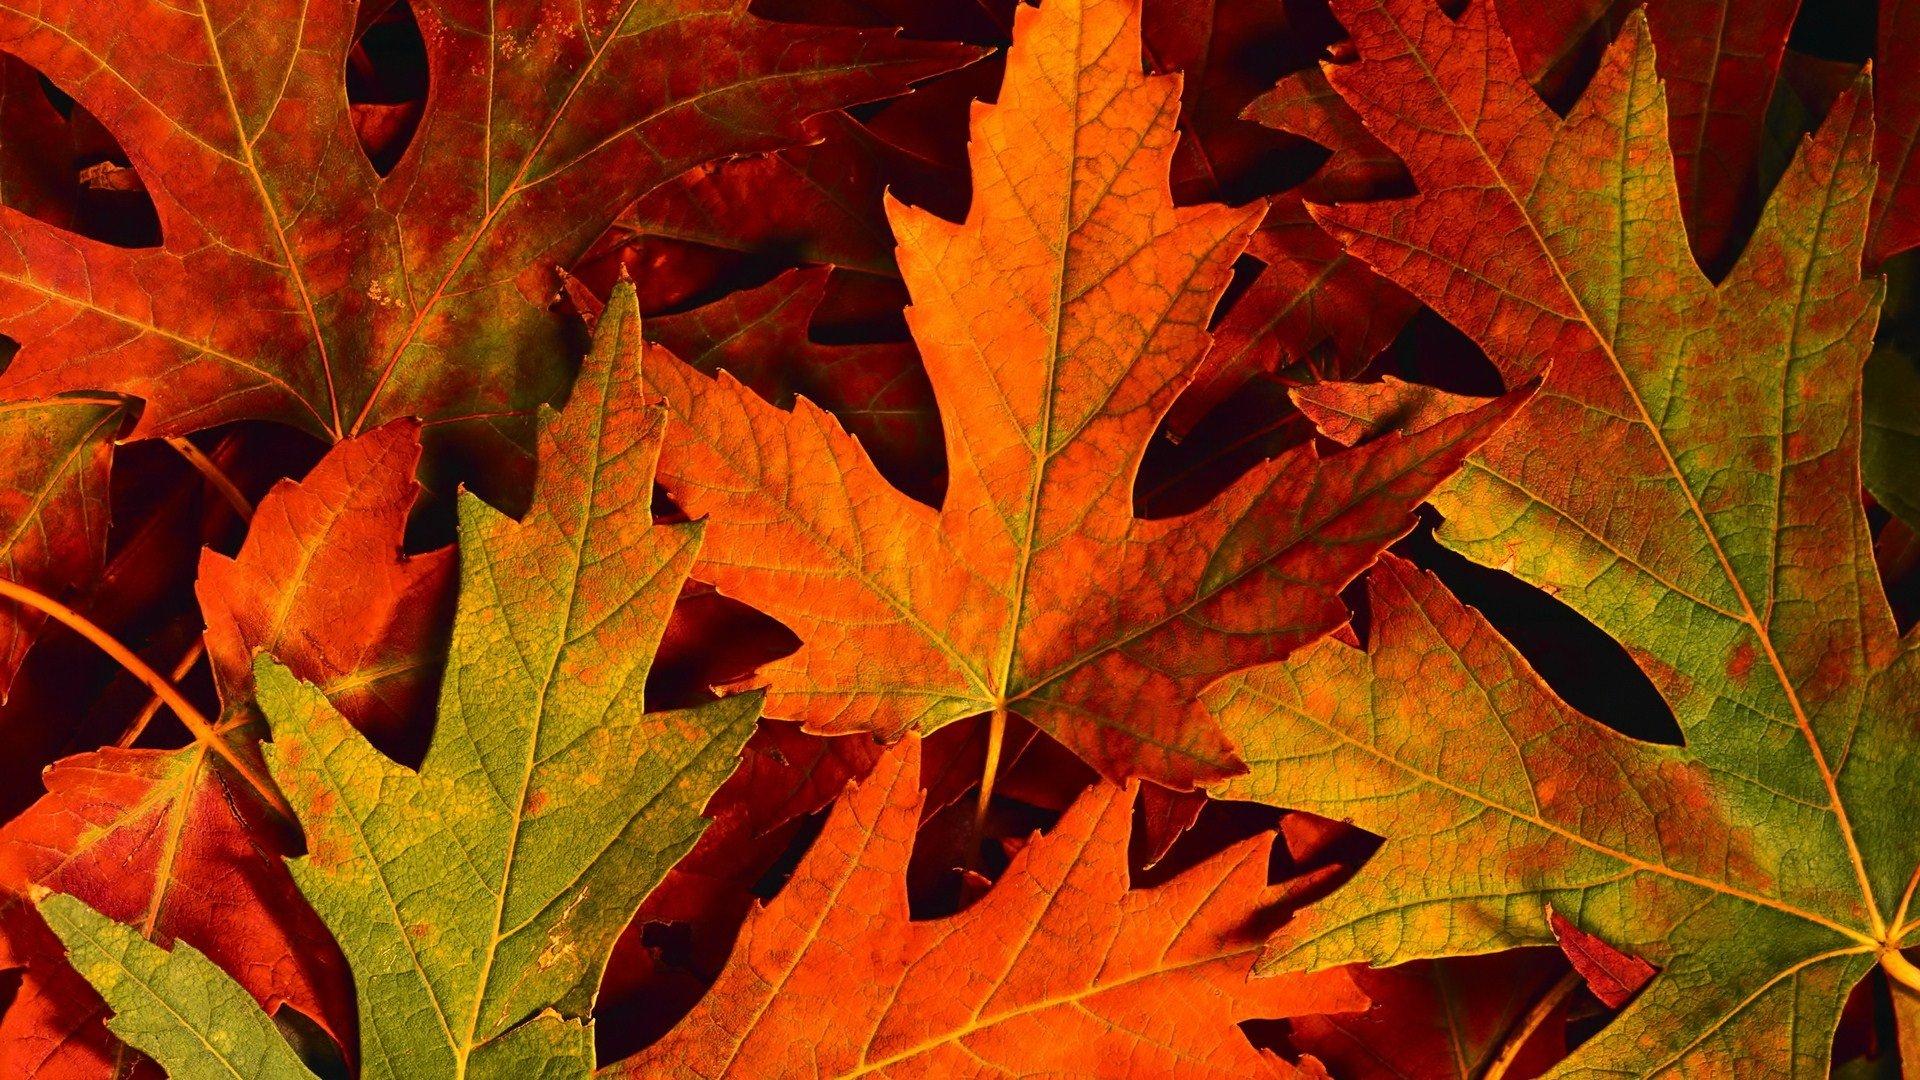 Hoja fondo de pantalla hd fondo de escritorio - Descargar autumn leaves ...